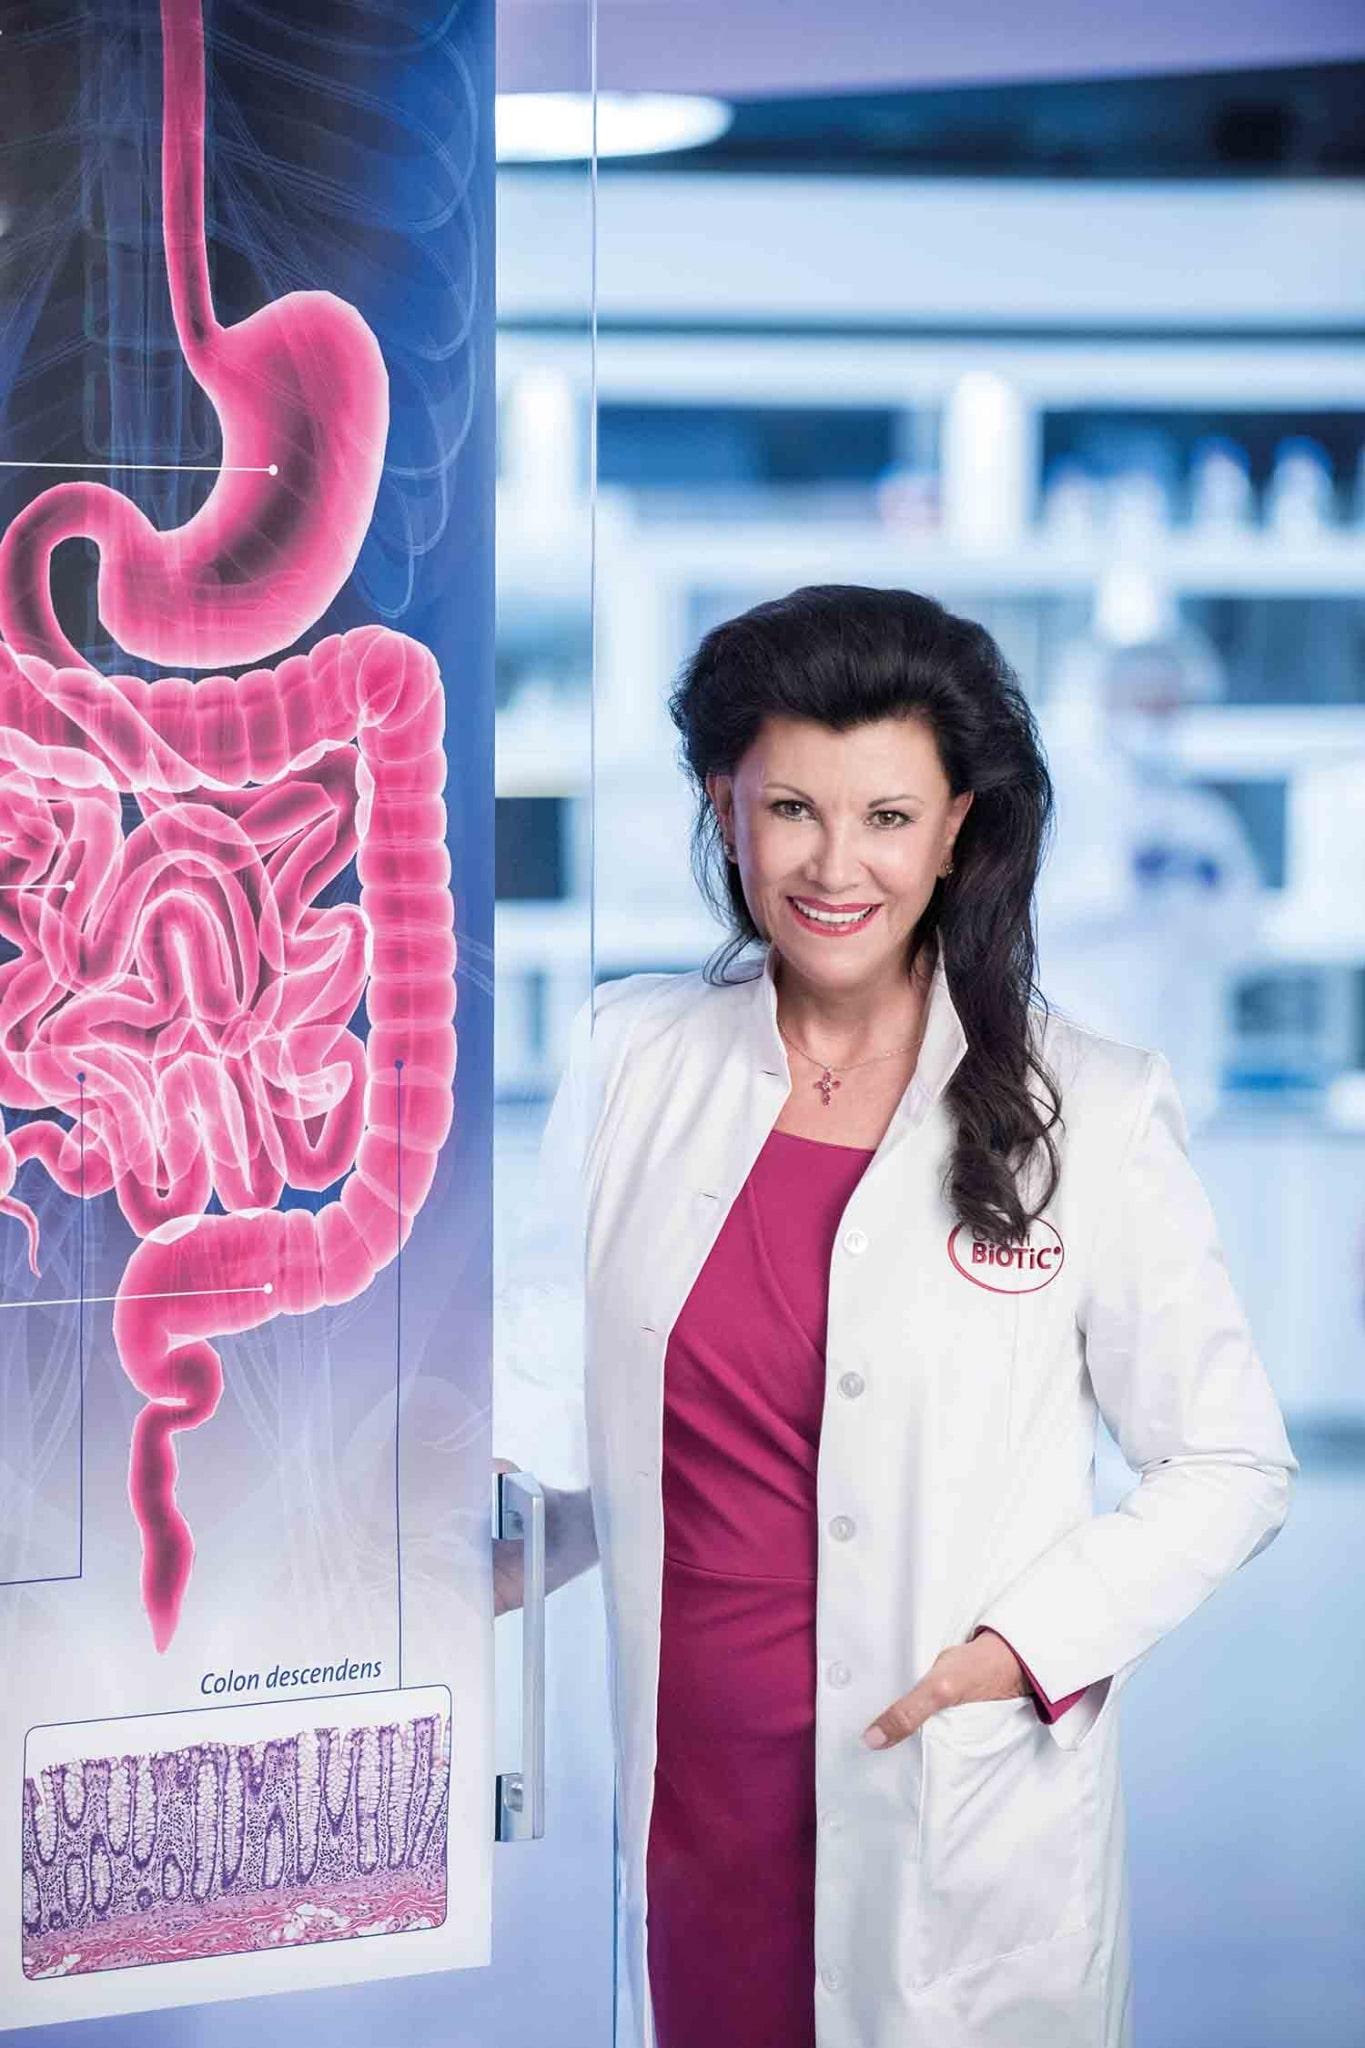 Österreichs führendes Kompetenzzentrum im Bereich der Mikrobiomforschung folgt folgenden Qualitätskriterien in der Produktherstellung